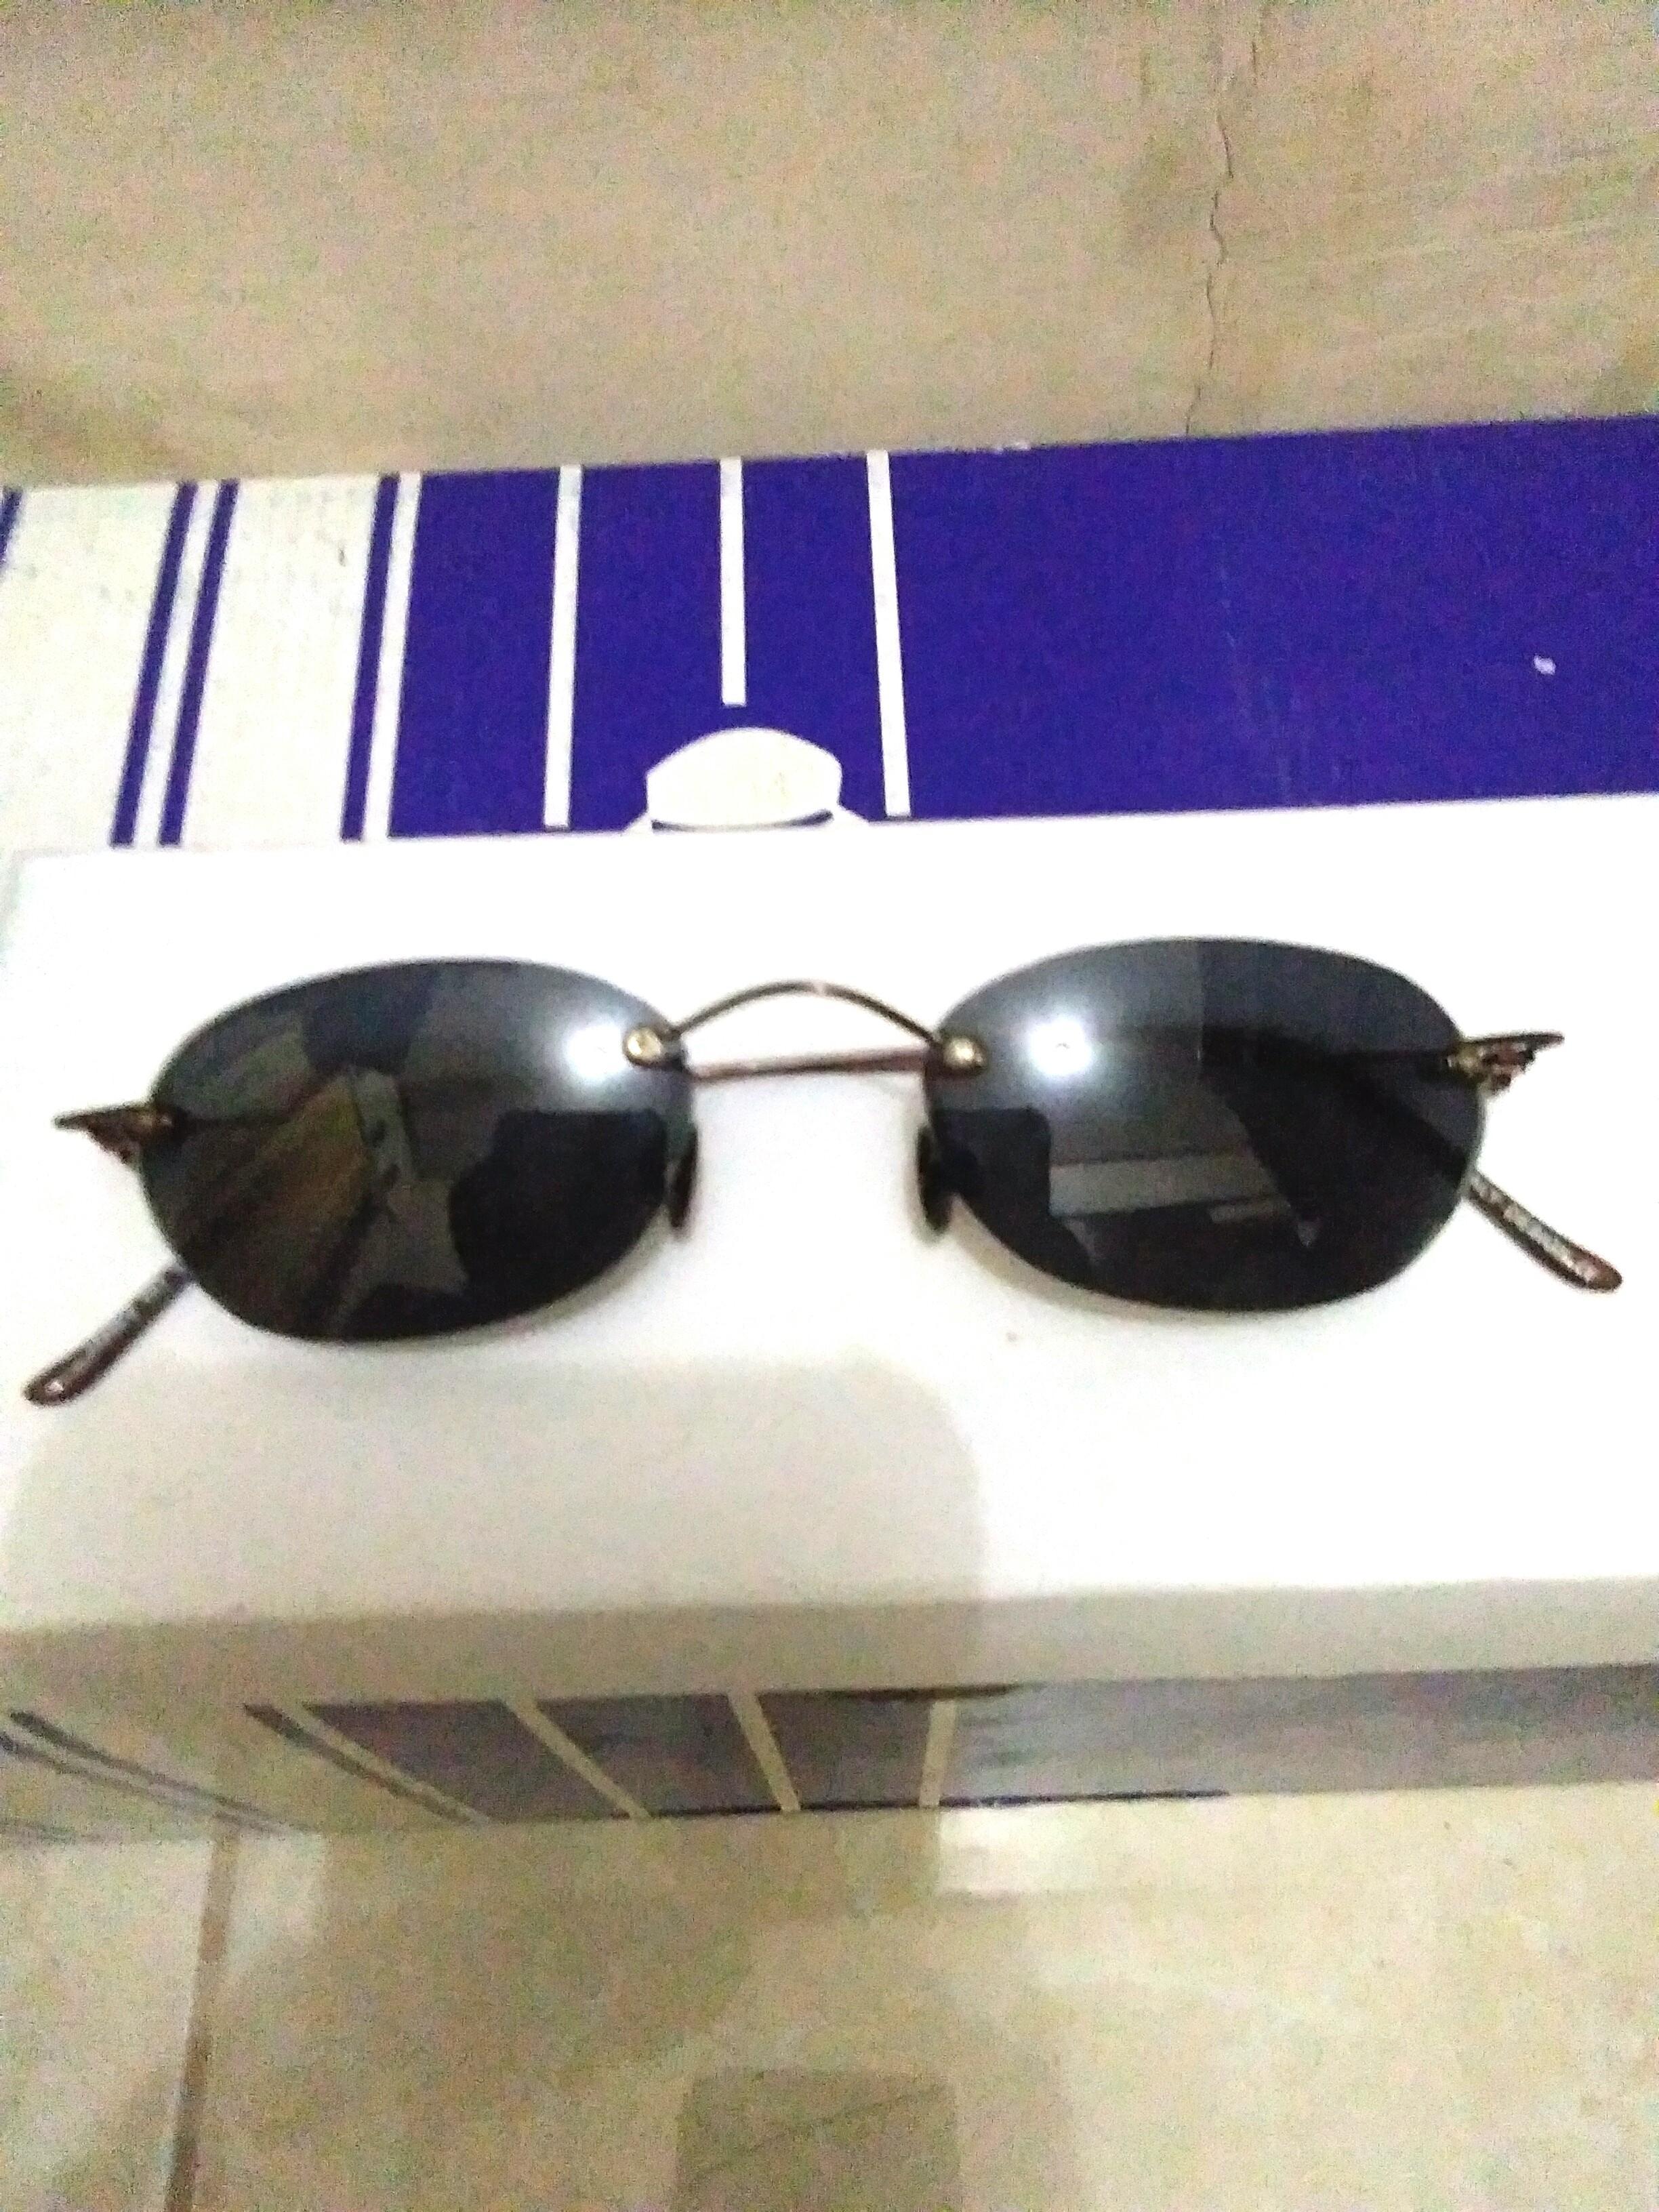 Kacamata Unik Lensa Kecil